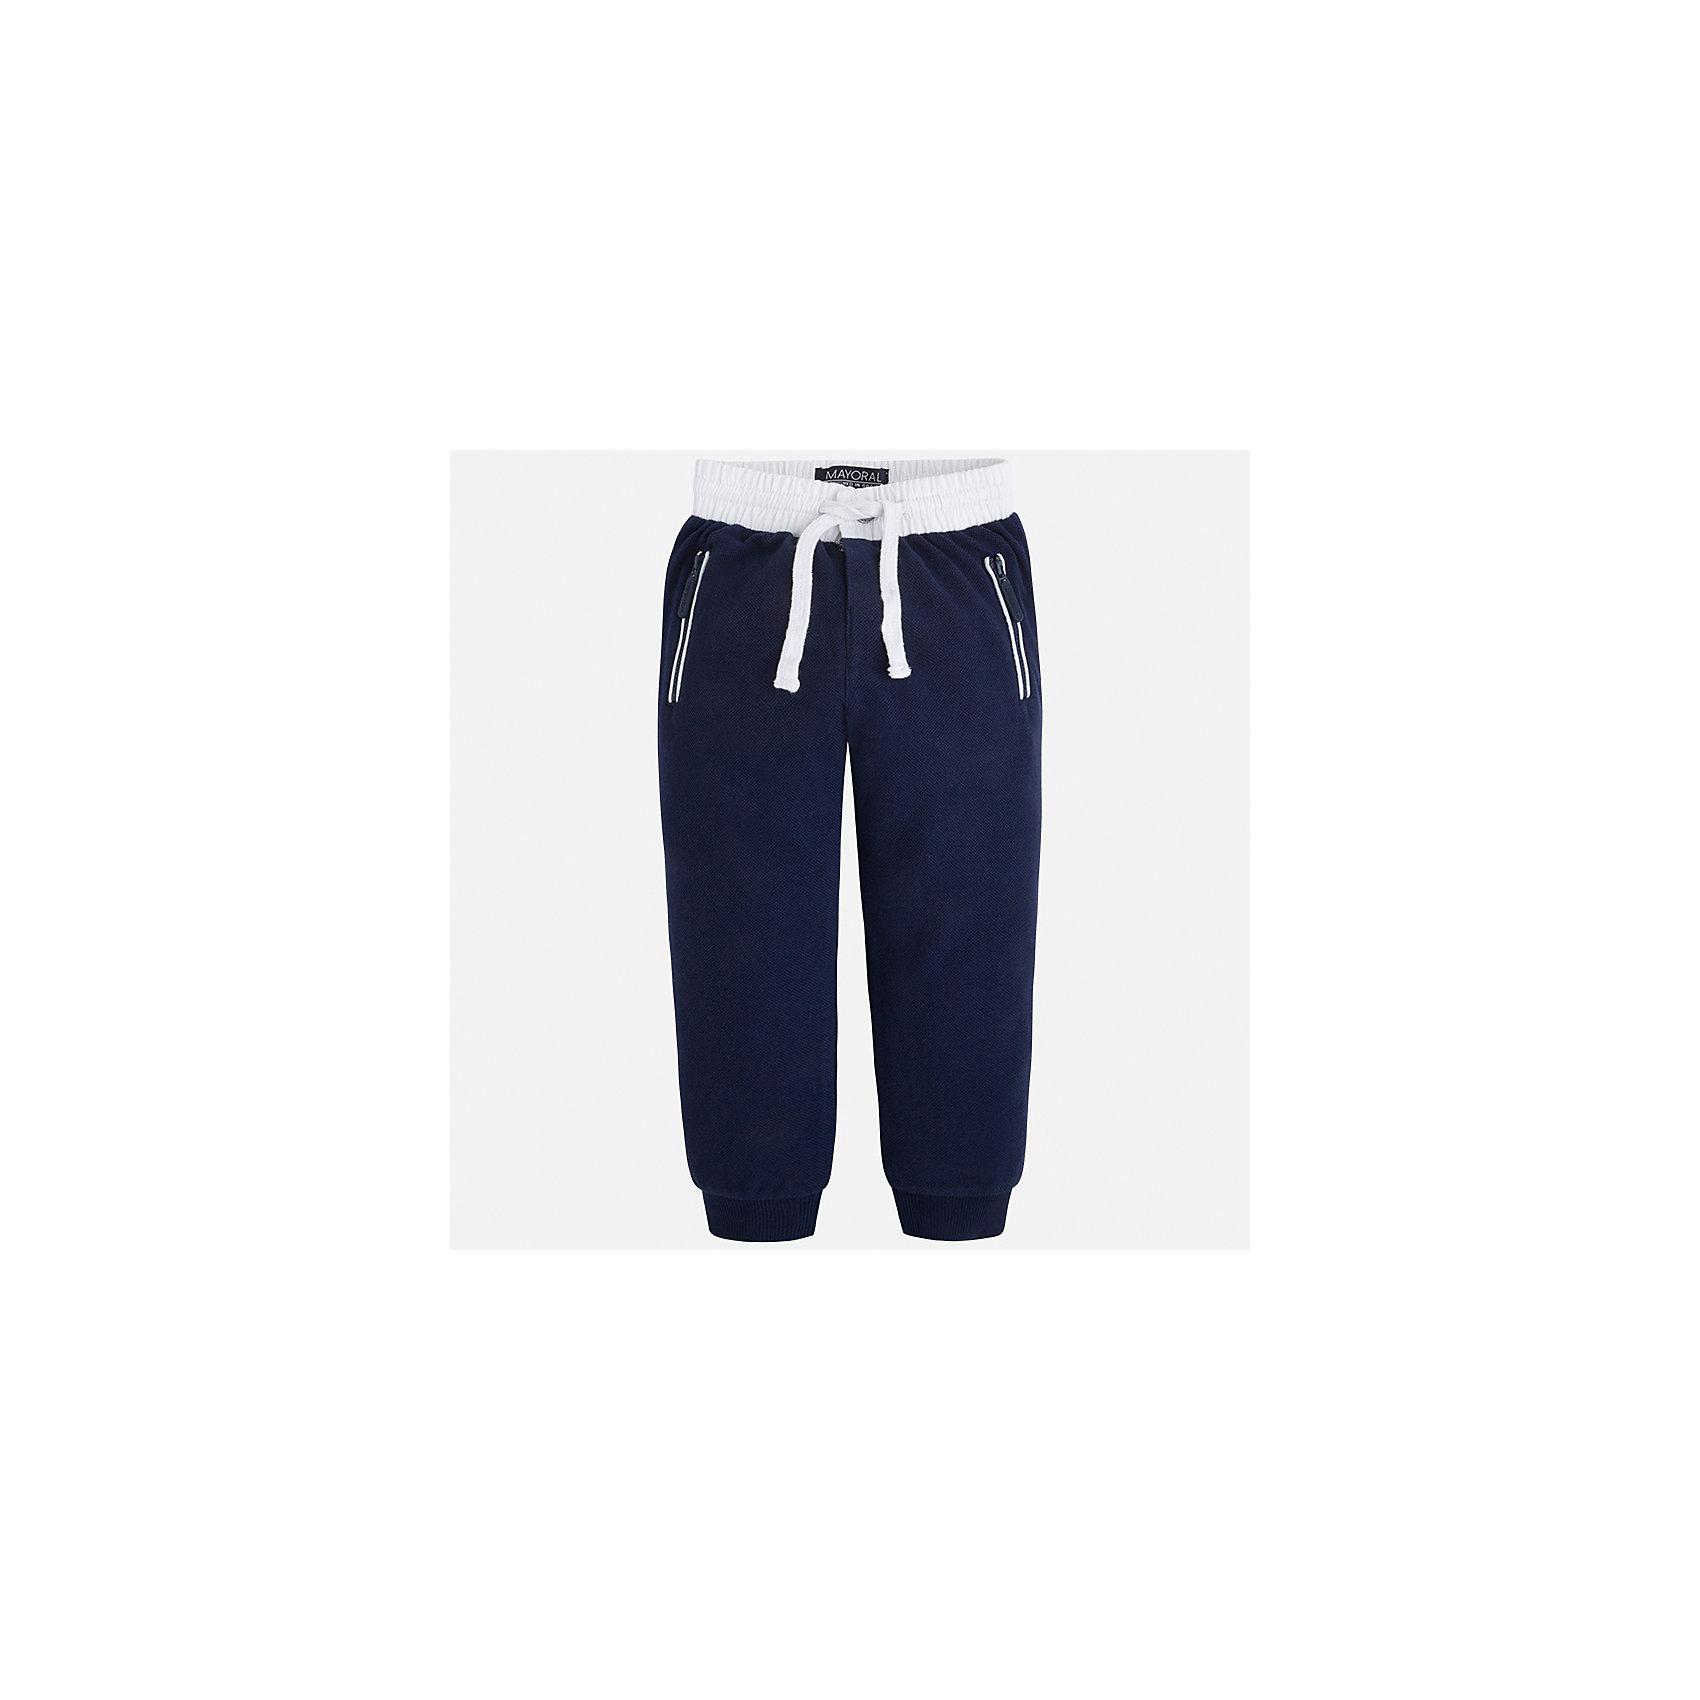 Брюки спортивные для мальчика MayoralБрюки<br>Характеристики товара:<br><br>• цвет: тёмно-синий<br>• состав: 100% хлопок<br>• манжеты<br>• карманы<br>• пояс - широкая резинка и шнурок<br>• страна бренда: Испания<br><br>Спортивные брюки для мальчика помогут обеспечить ребенку комфорт. Они отлично сочетаются с майками, футболками, куртками и т.д. Универсальный крой и цвет позволяет подобрать к вещи верх разных расцветок. Практичное и стильное изделие! В составе материала - натуральный хлопок, гипоаллергенный, приятный на ощупь, дышащий.<br><br>Одежда, обувь и аксессуары от испанского бренда Mayoral полюбились детям и взрослым по всему миру. Модели этой марки - стильные и удобные. Для их производства используются только безопасные, качественные материалы и фурнитура. Порадуйте ребенка модными и красивыми вещами от Mayoral! <br><br>Брюки для мальчика от испанского бренда Mayoral (Майорал) можно купить в нашем интернет-магазине.<br><br>Ширина мм: 215<br>Глубина мм: 88<br>Высота мм: 191<br>Вес г: 336<br>Цвет: синий<br>Возраст от месяцев: 48<br>Возраст до месяцев: 60<br>Пол: Мужской<br>Возраст: Детский<br>Размер: 110,128,122,134,104,98,92,116<br>SKU: 5280882